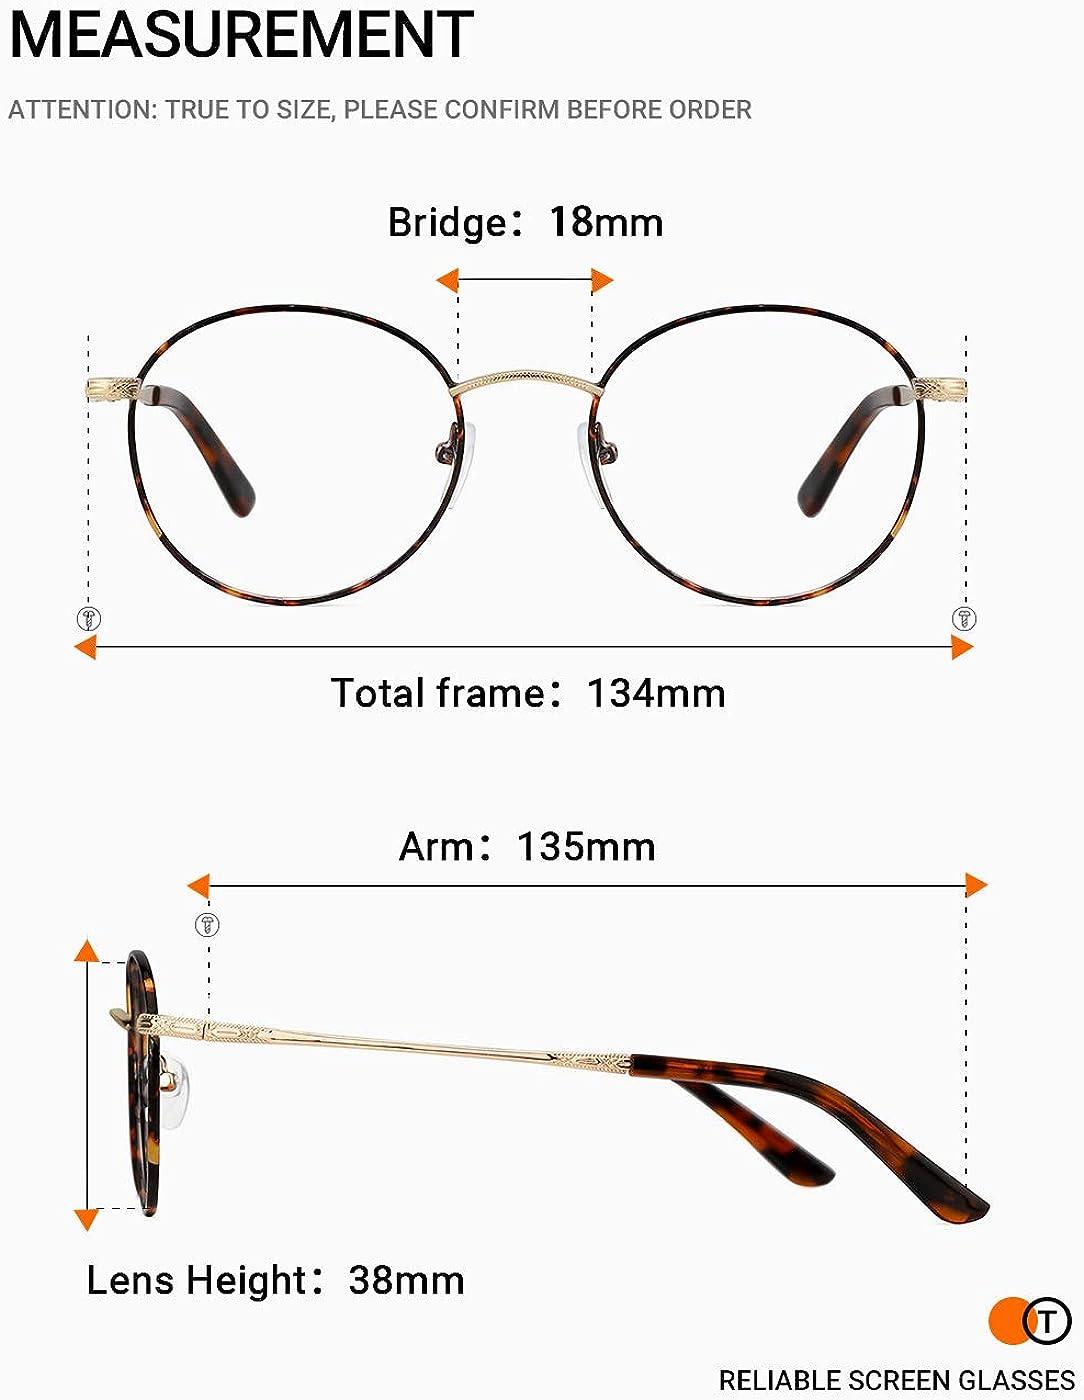 TIJN Unisex Vintage Round Eyeglasses with Blue Light Filter Lenses Lightweight Metal Frame Computer Glasses